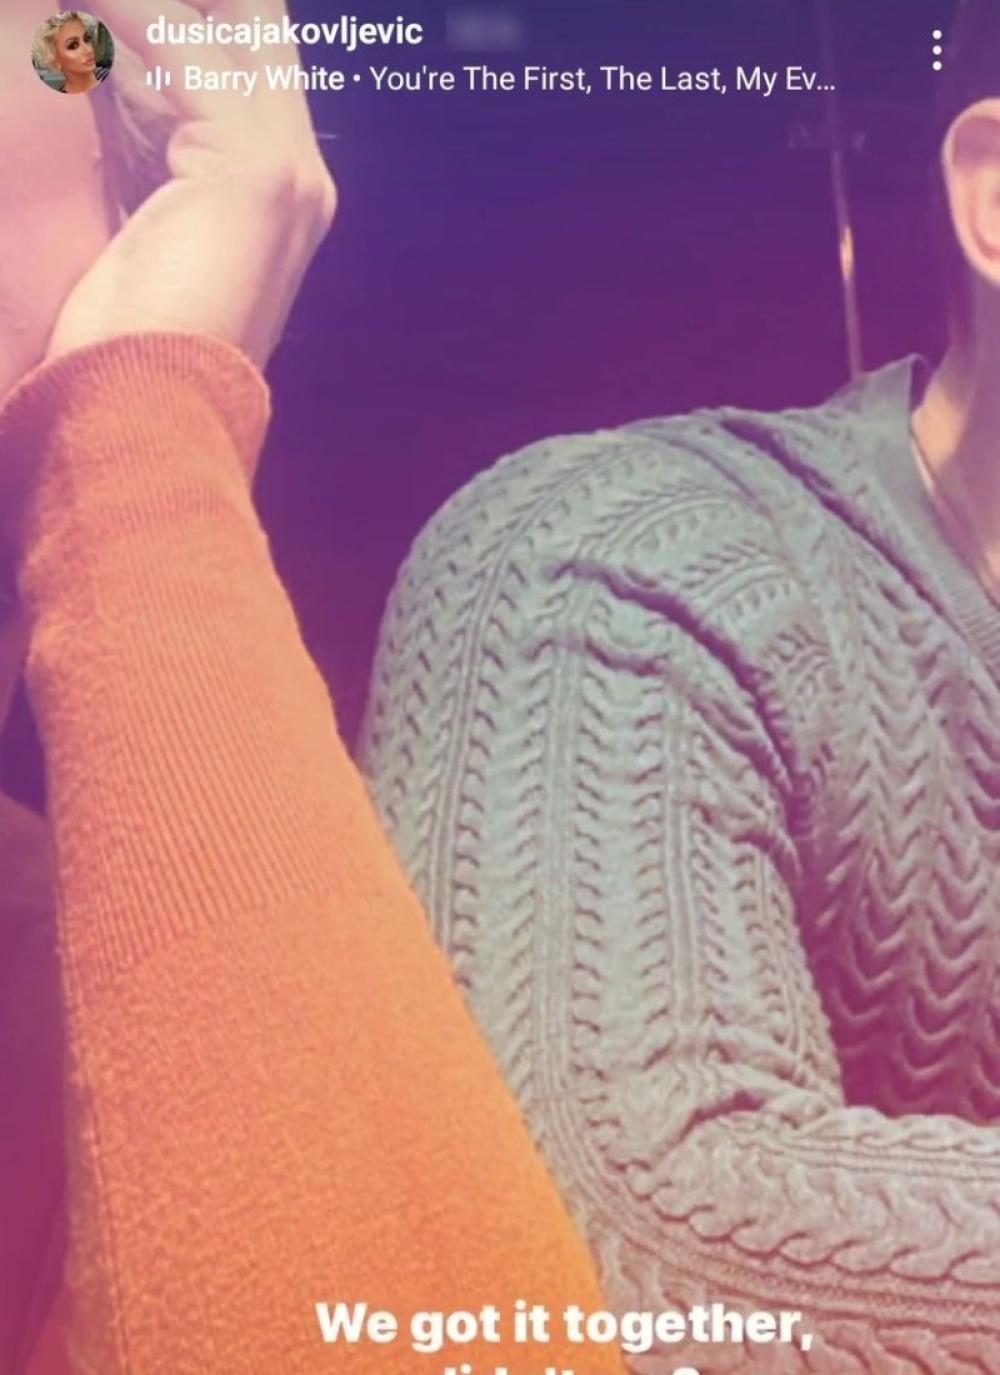 Znamo da je VISOK i ZGODAN! Dušica Jakovljević objavila slike sa novim dečkom, vešto ga krije od svih